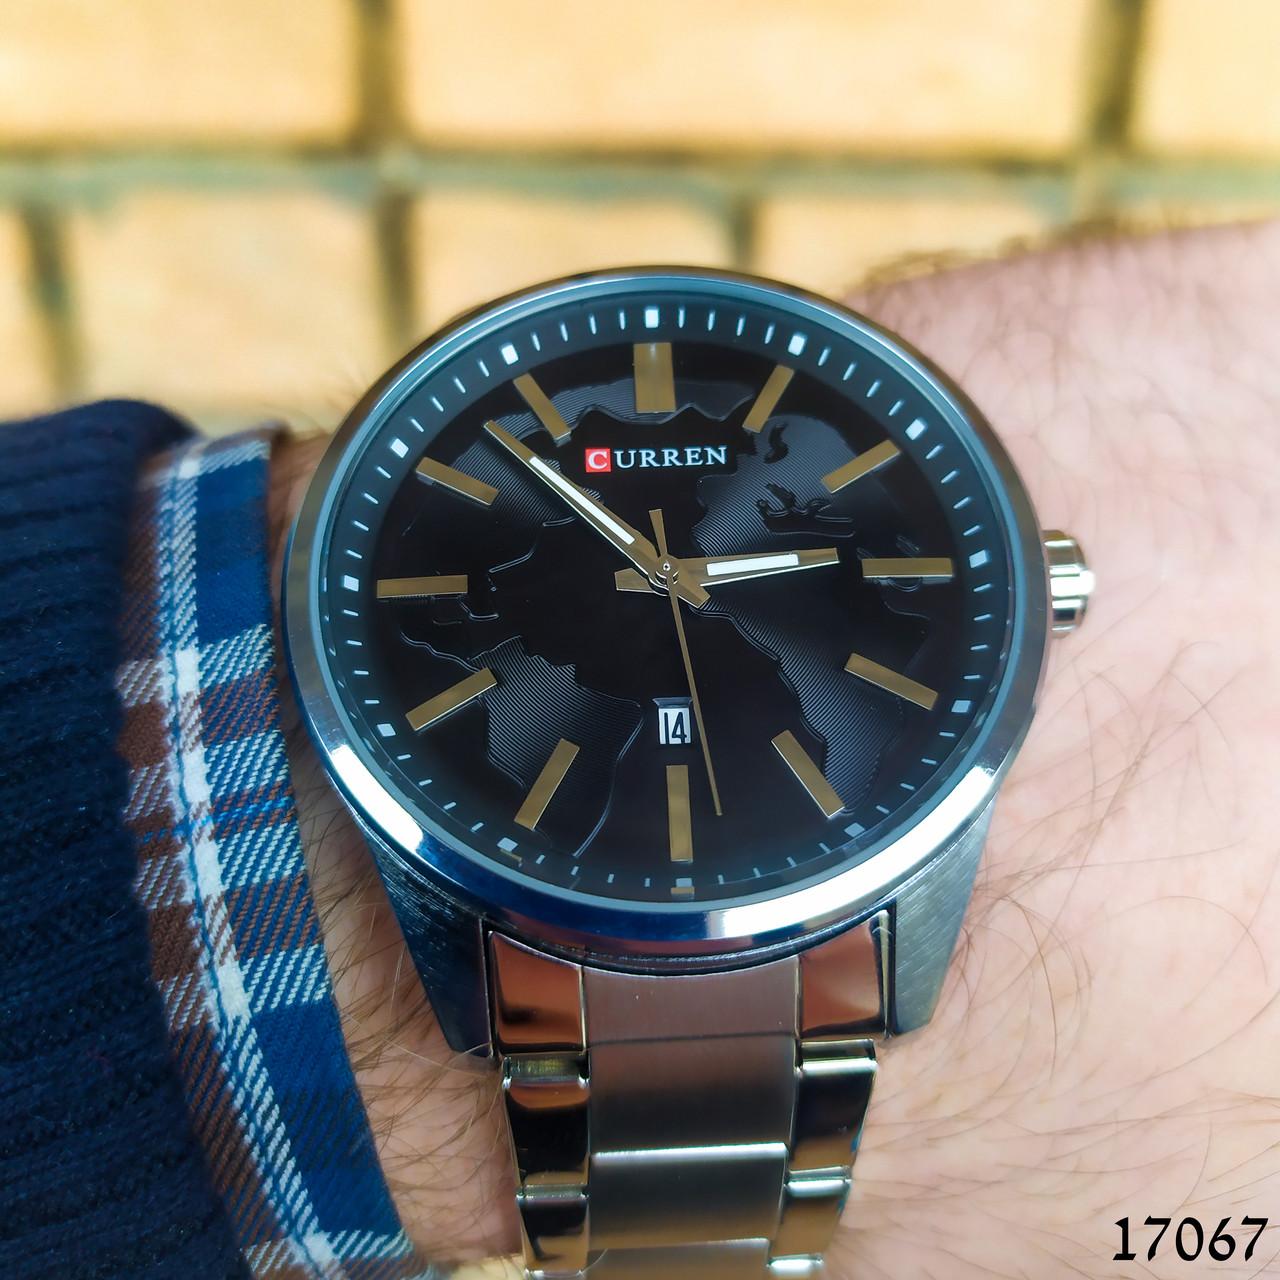 Часы мужские в стиле Curren. Мужские наручные часы серебристые. С черным циферблатом Годинник чоловічий